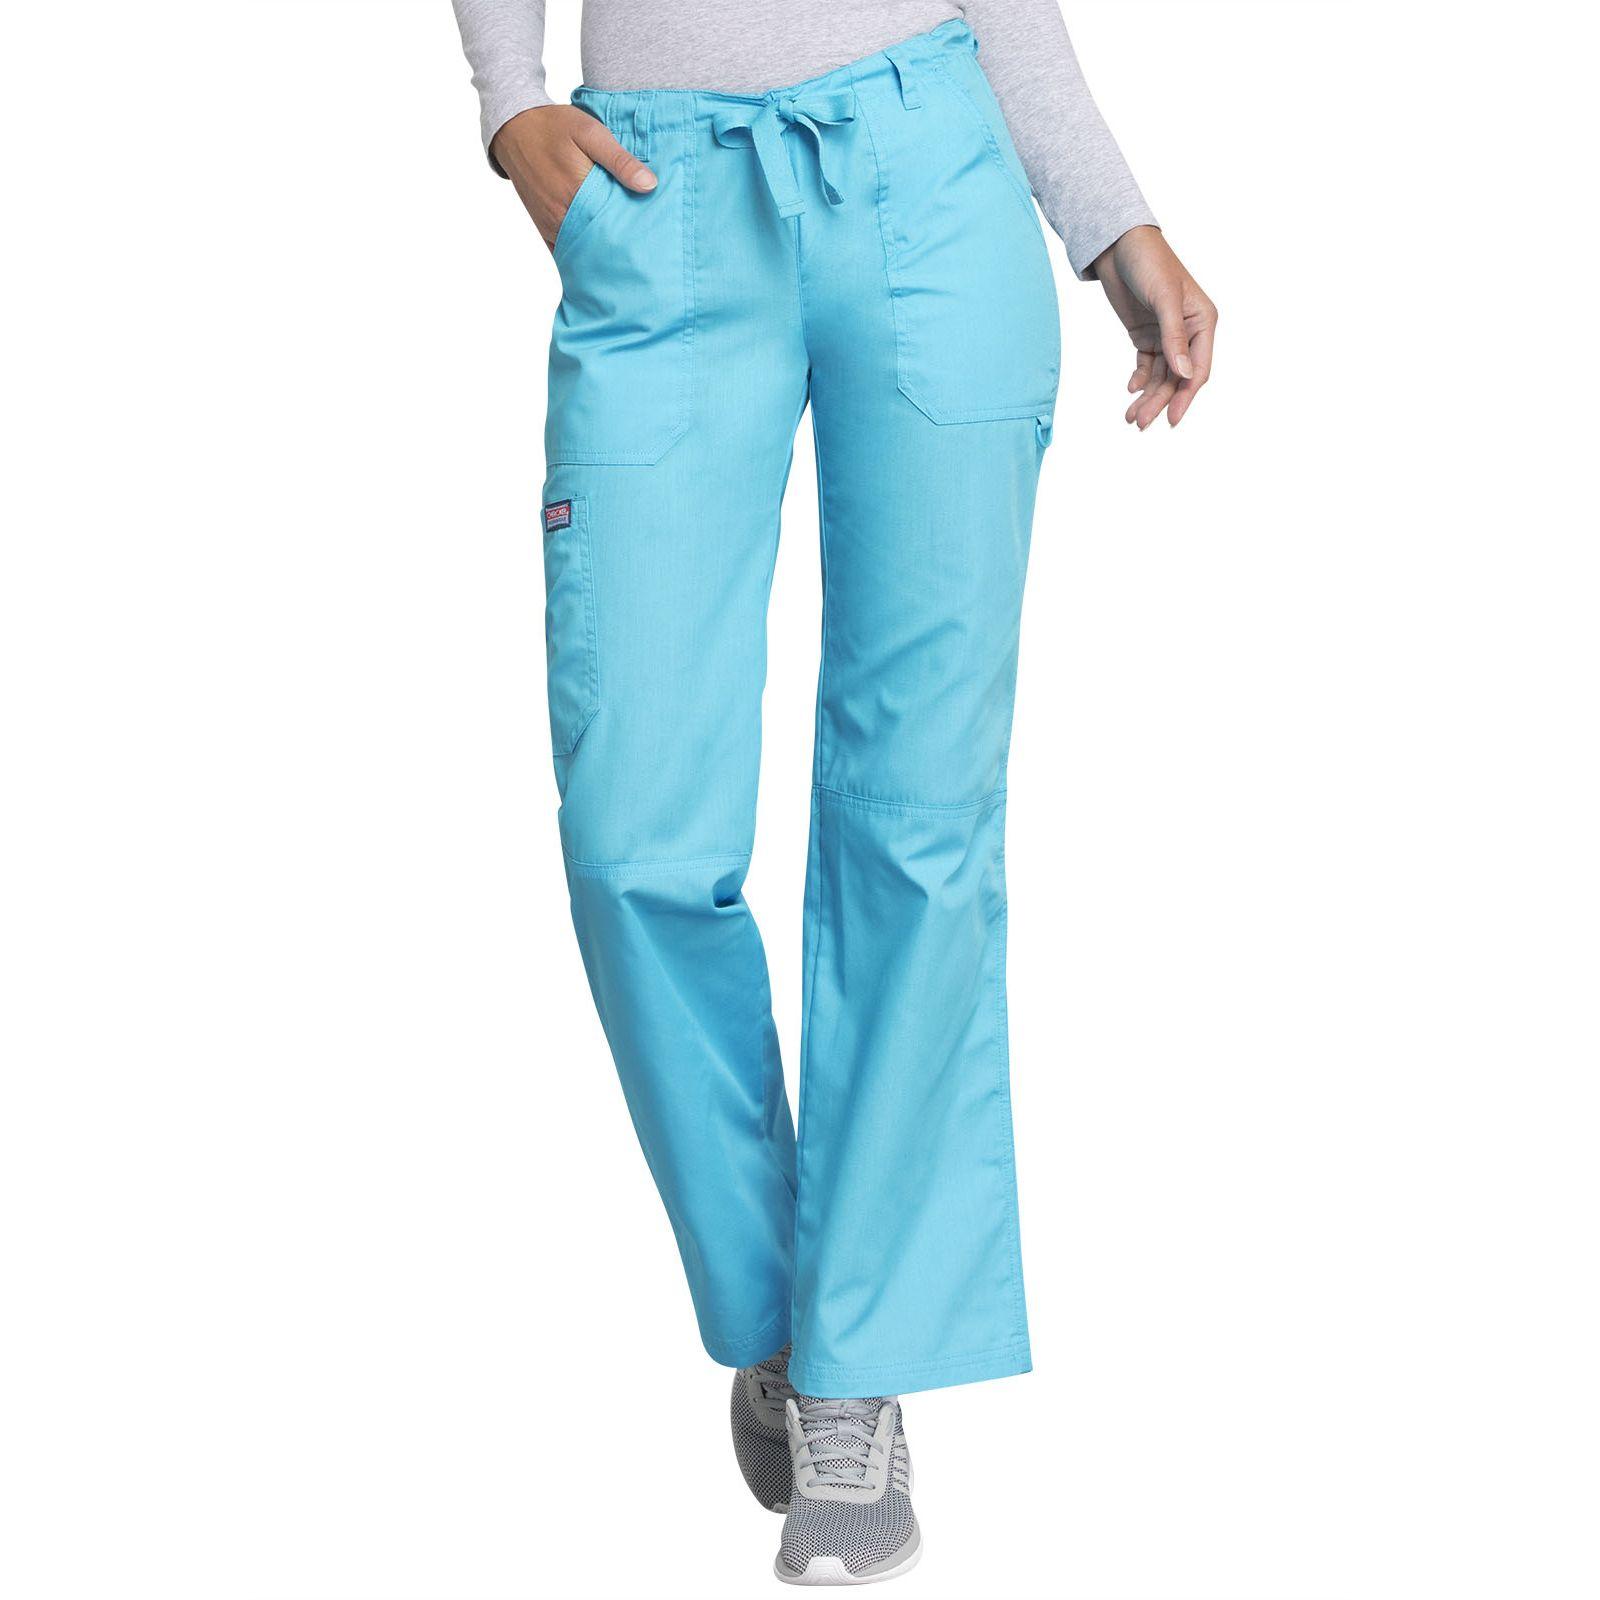 Pantalones Medicos Para Mujeres Elasticos Y Con Cordon Cherokee 4020